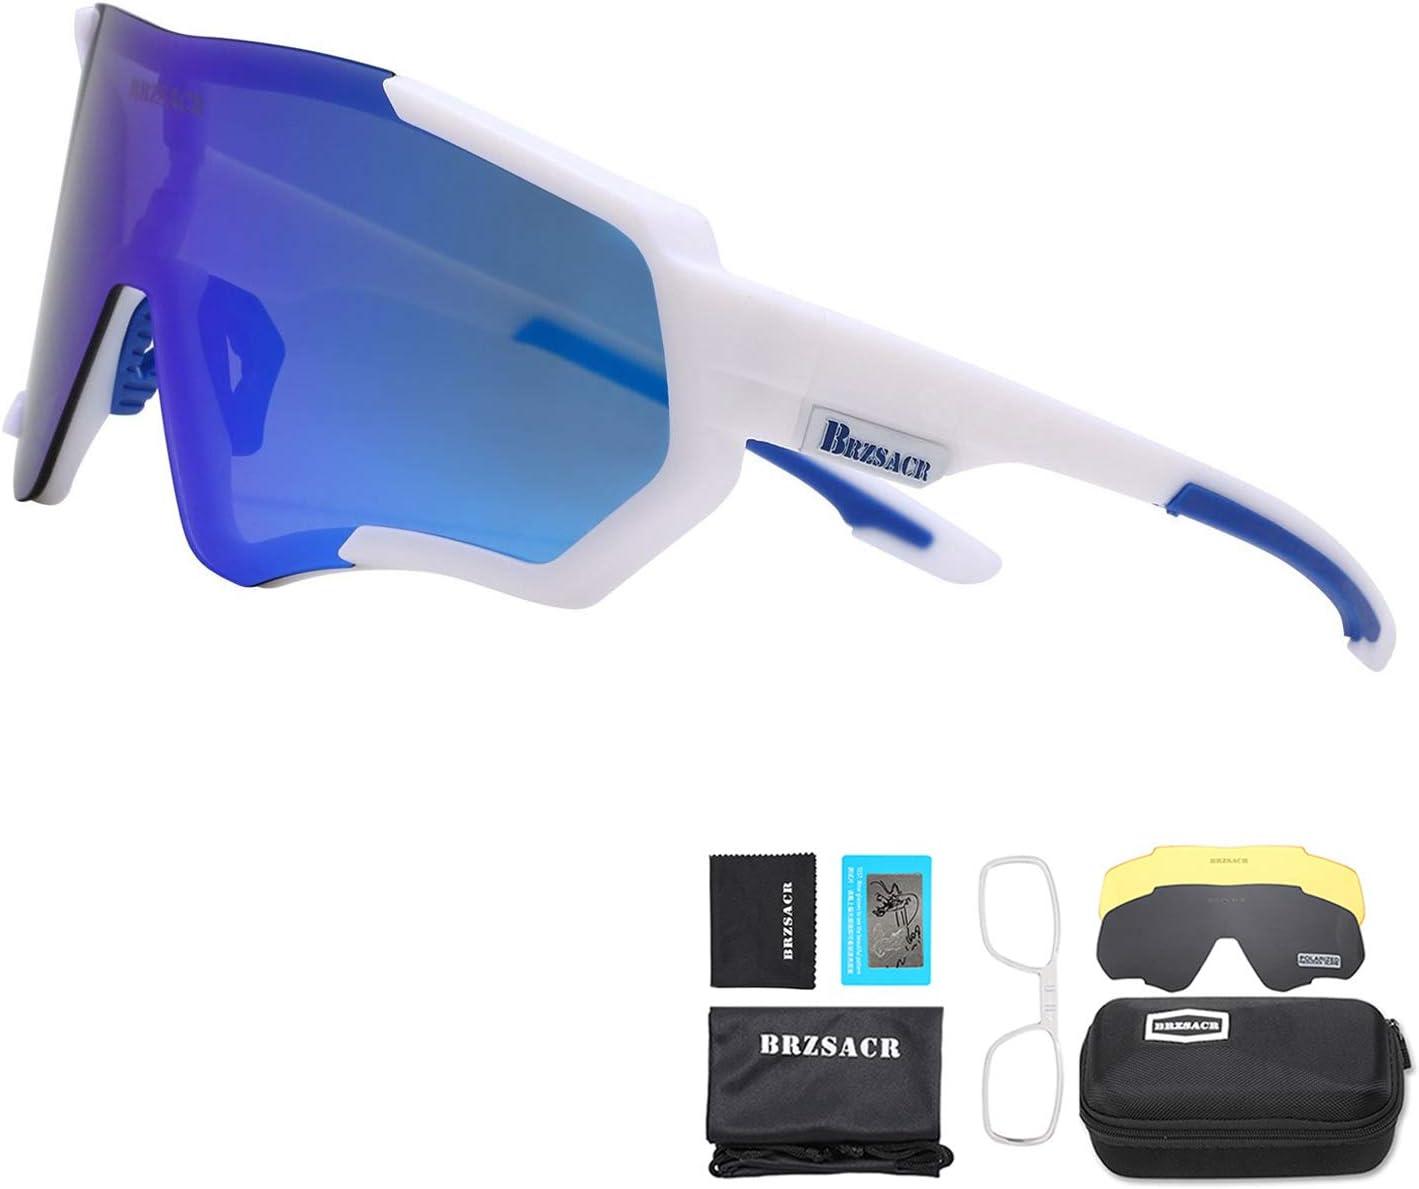 BRZSACR Gafas de Sol Deportivas polarizadas Protección UV400 Gafas de Ciclismo con 3 Lentes Intercambiables para Ciclismo, béisbol, Pesca, esquí, Funcionamiento